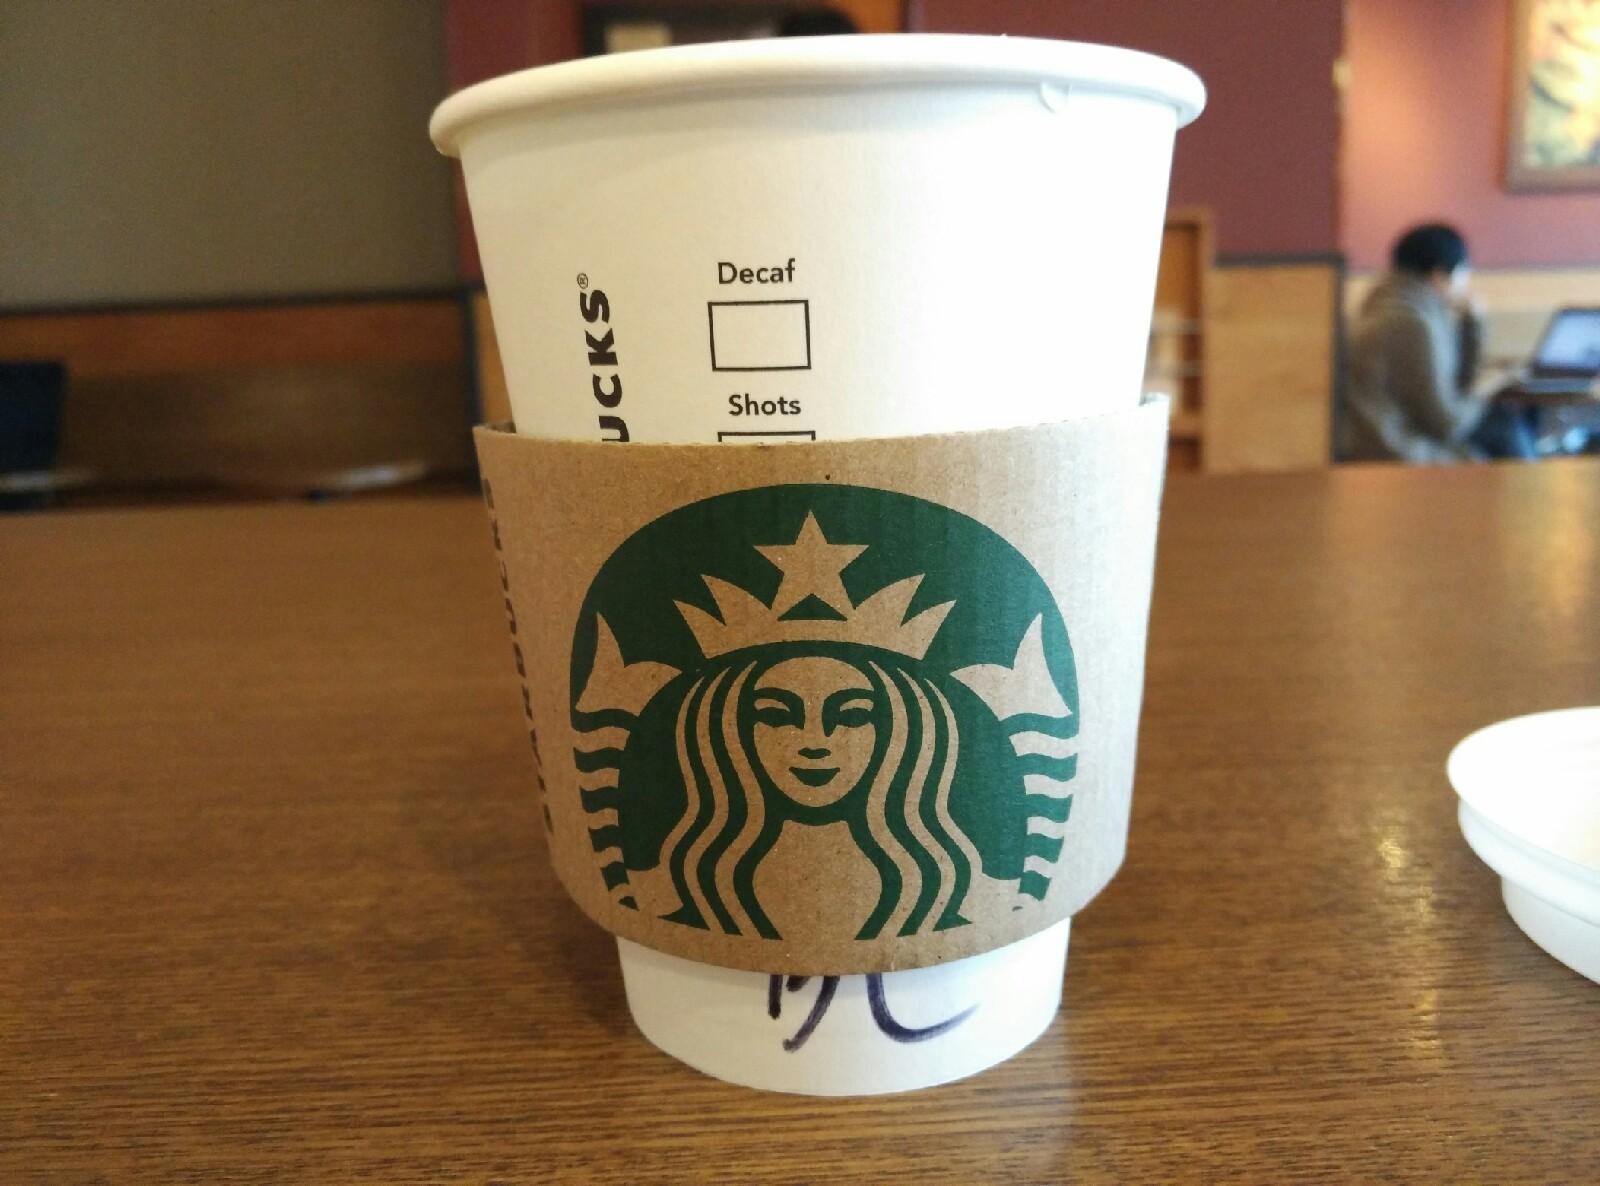 星巴克咖啡价格表 星巴克咖啡利润是多少?